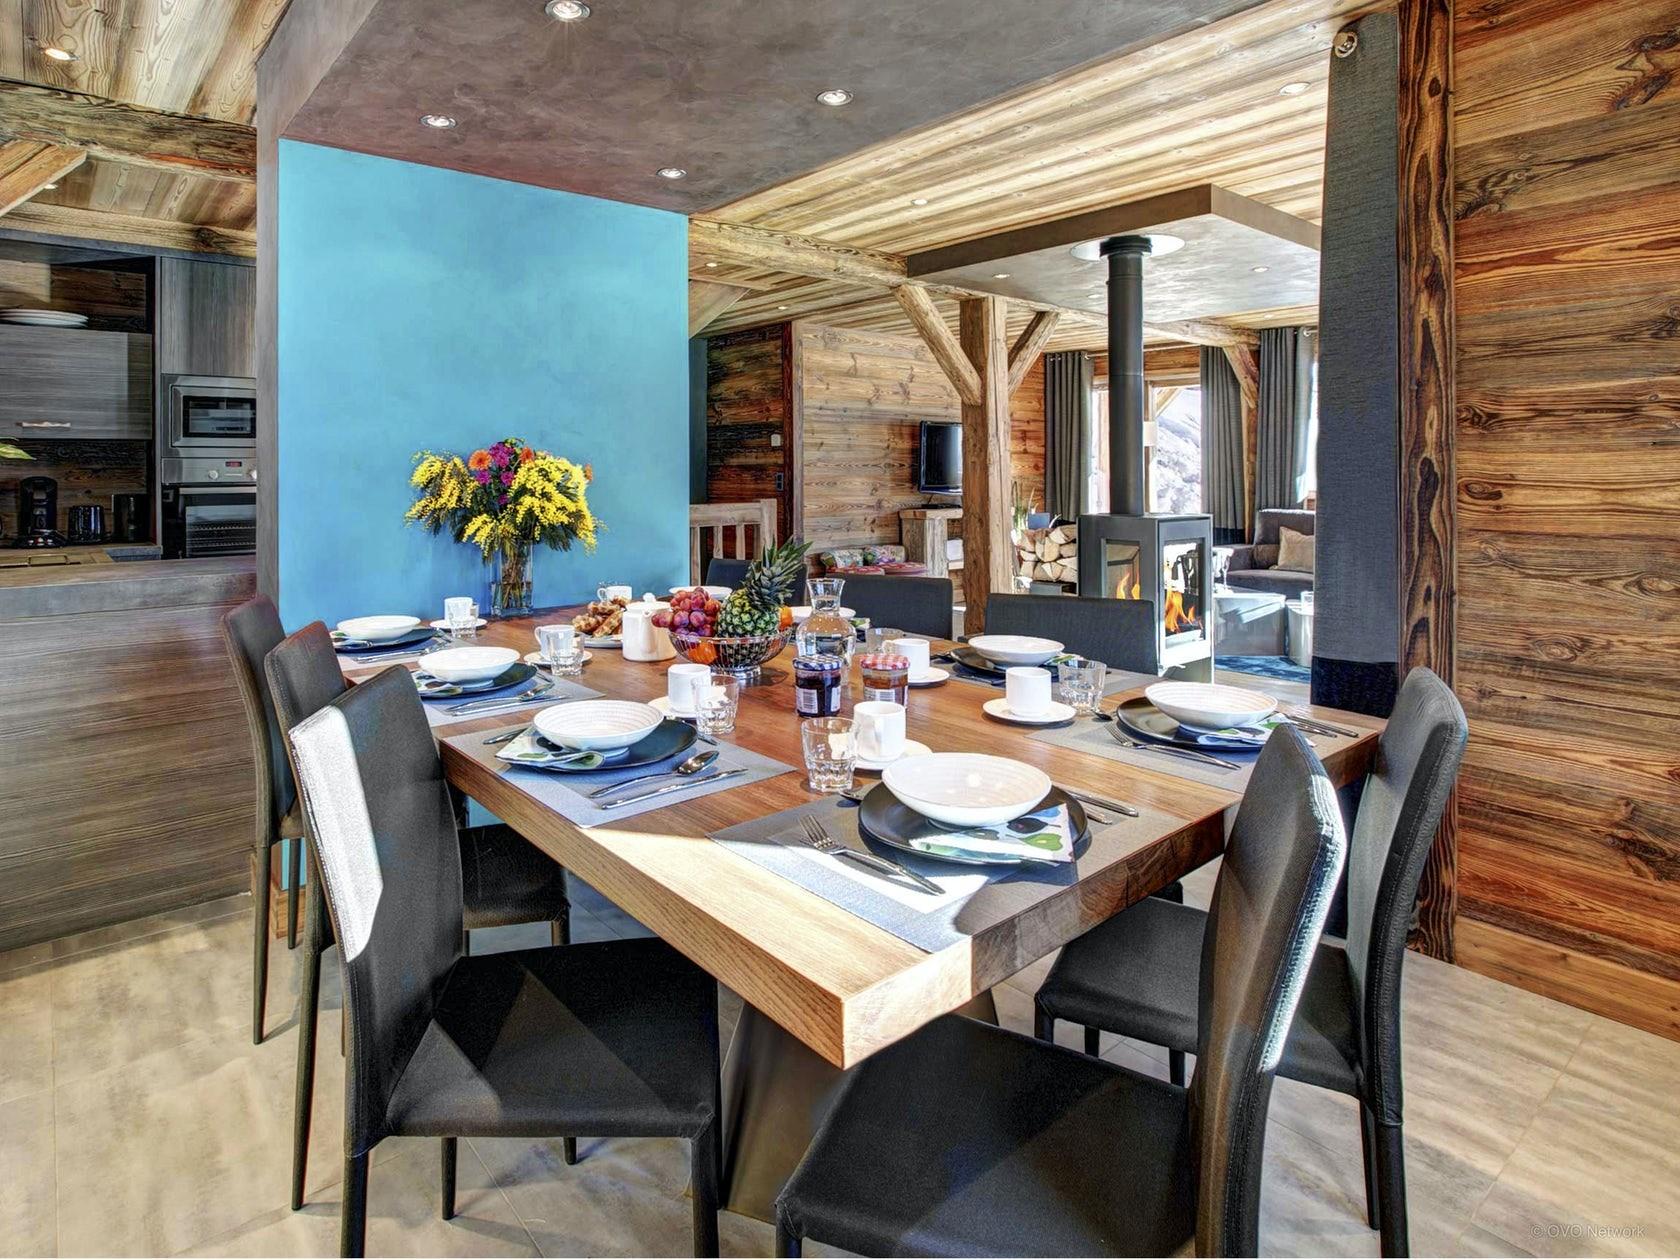 La Clusaz Location Chalet Luxe Lewidite Table A Manger